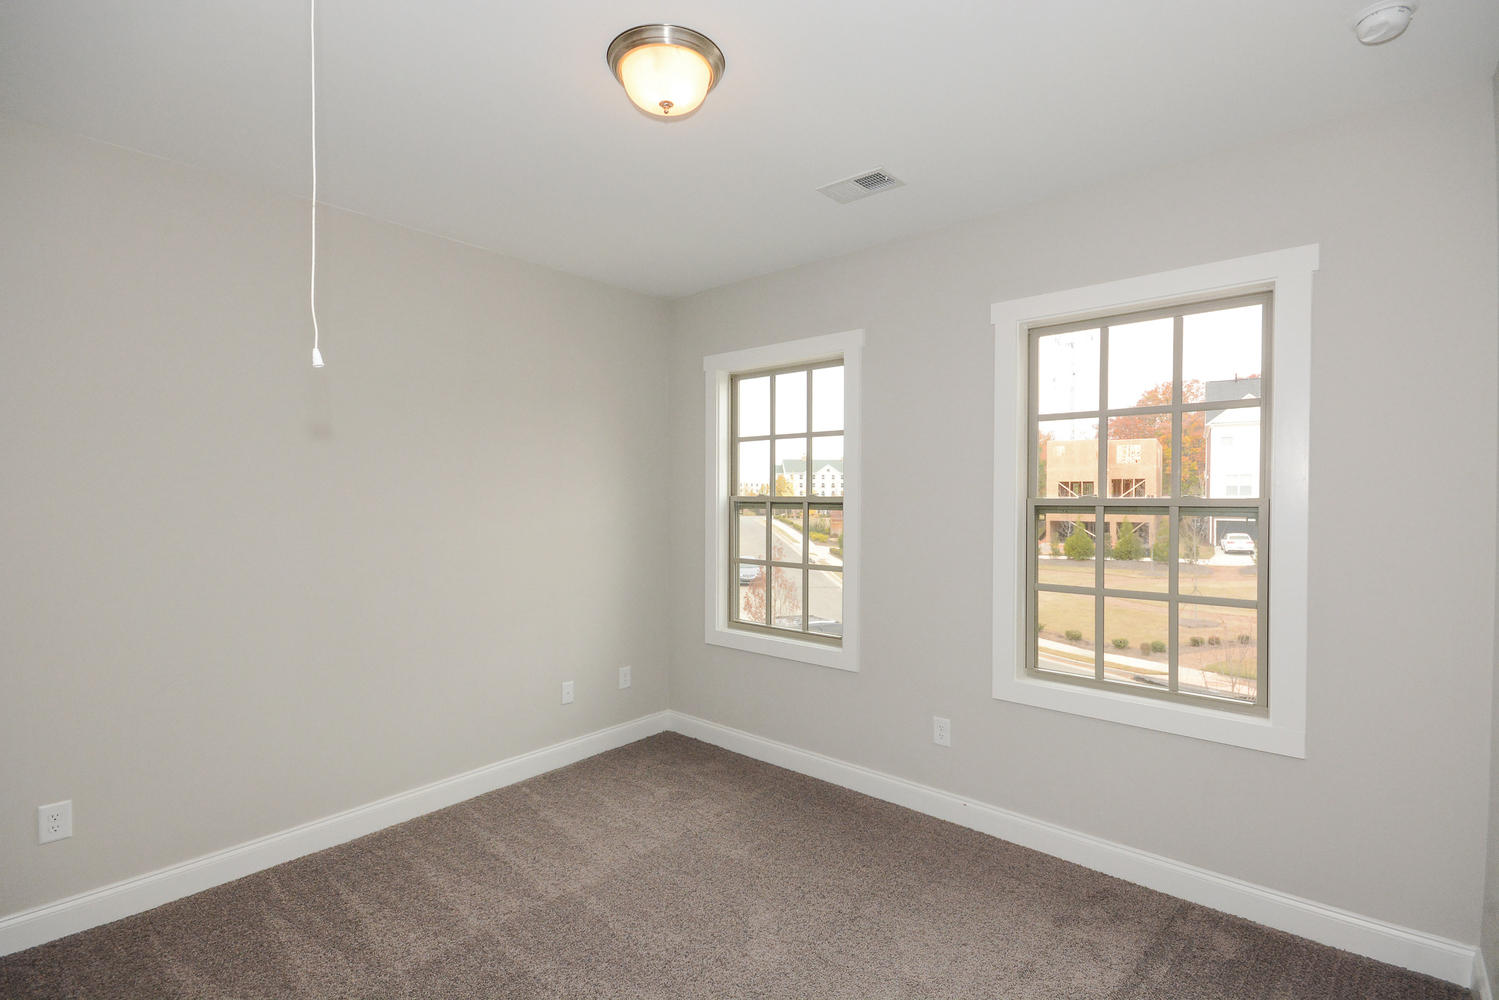 Dunes West Homes For Sale - 2919 Eddy, Mount Pleasant, SC - 12